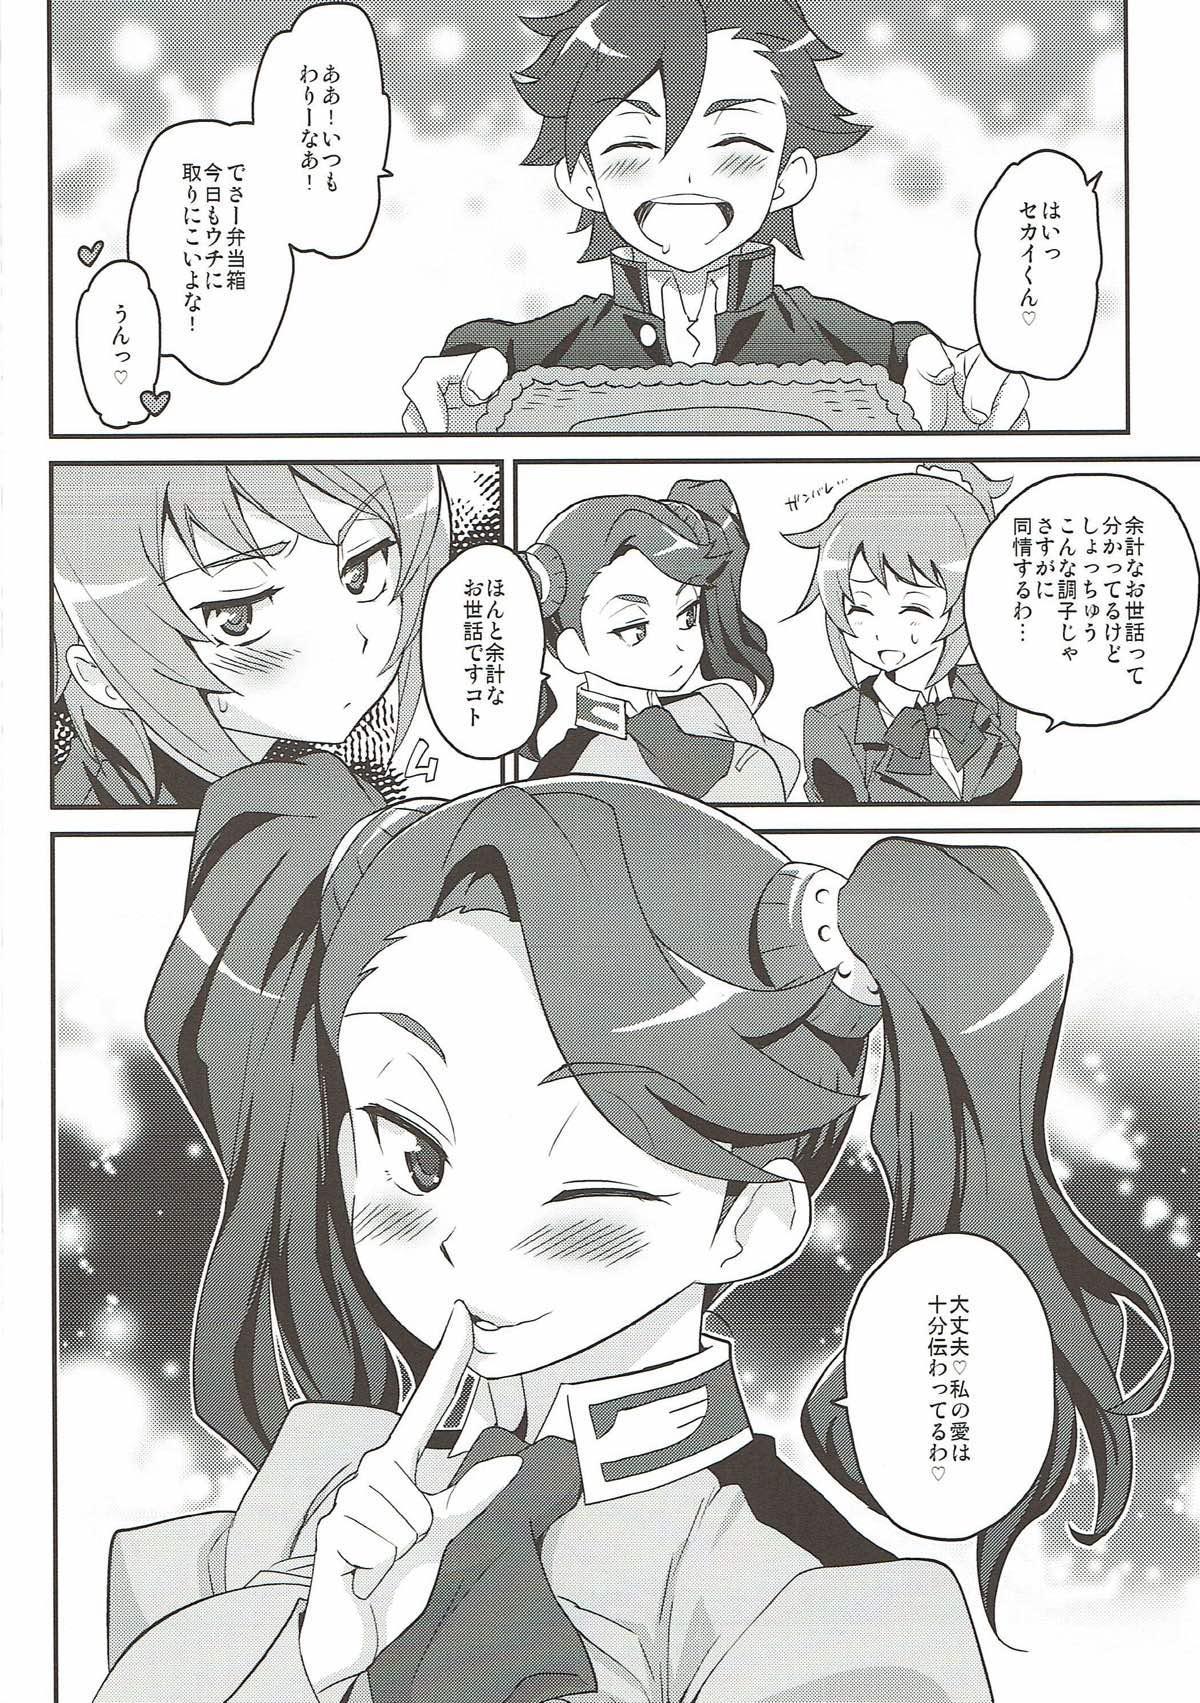 Sekai Senyou Gyanko 26